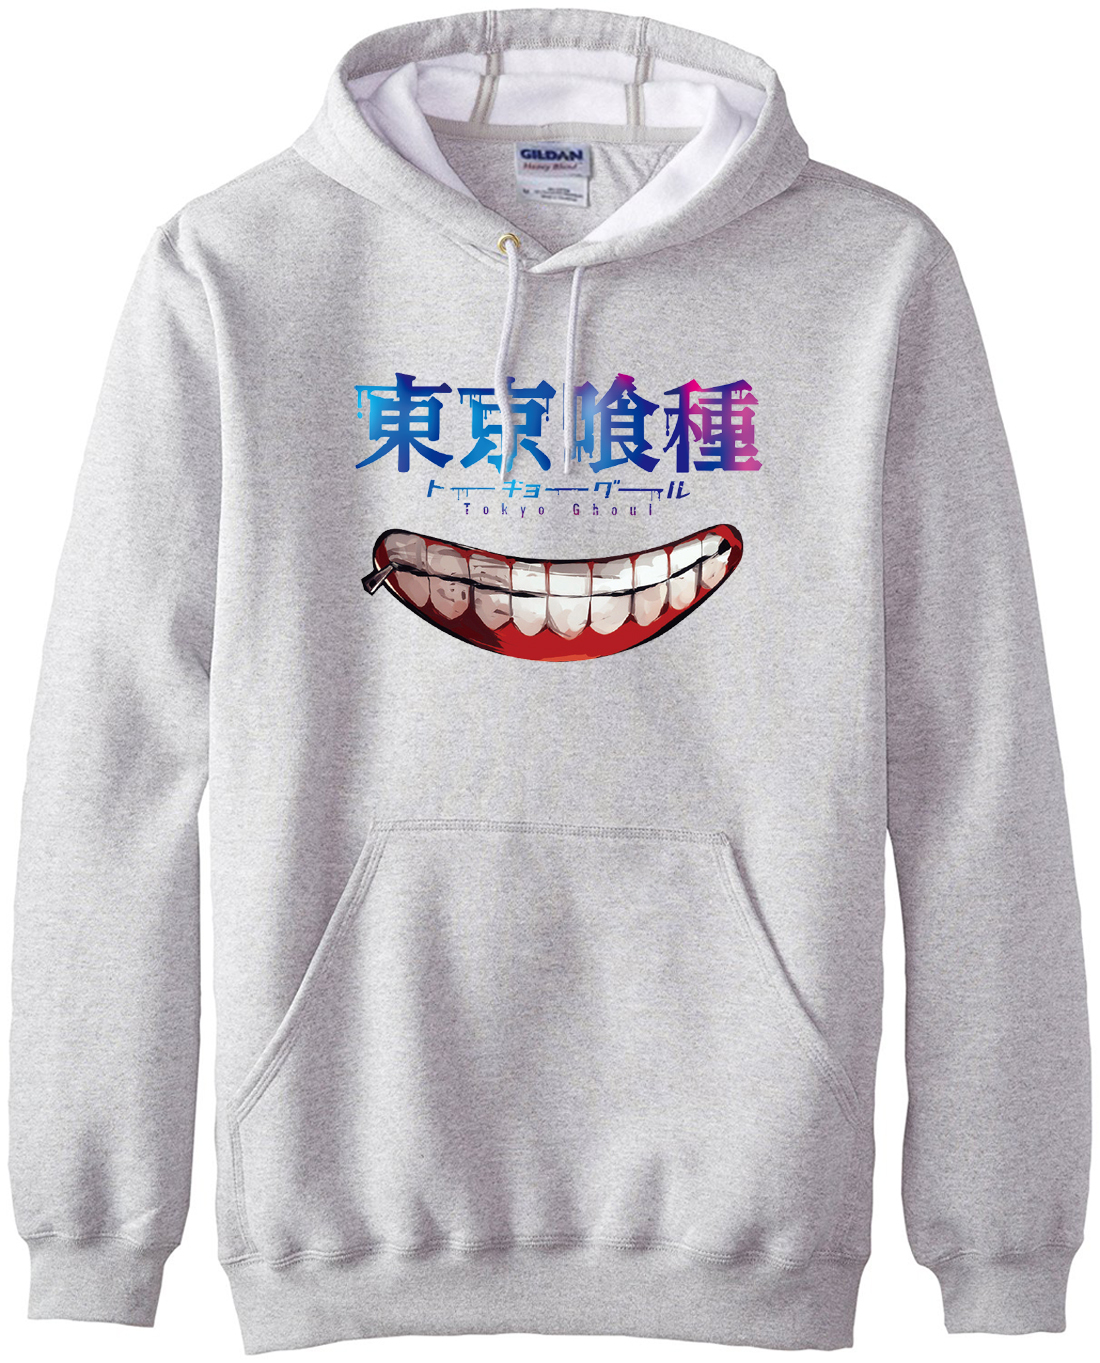 Лидер продаж Токио вурдалак Для мужчин Толстовки аниме Кен kaneki кофты 2017 Весна Зима Новый с капюшоном Спортивная в стиле хип-хоп sudadera Hombre